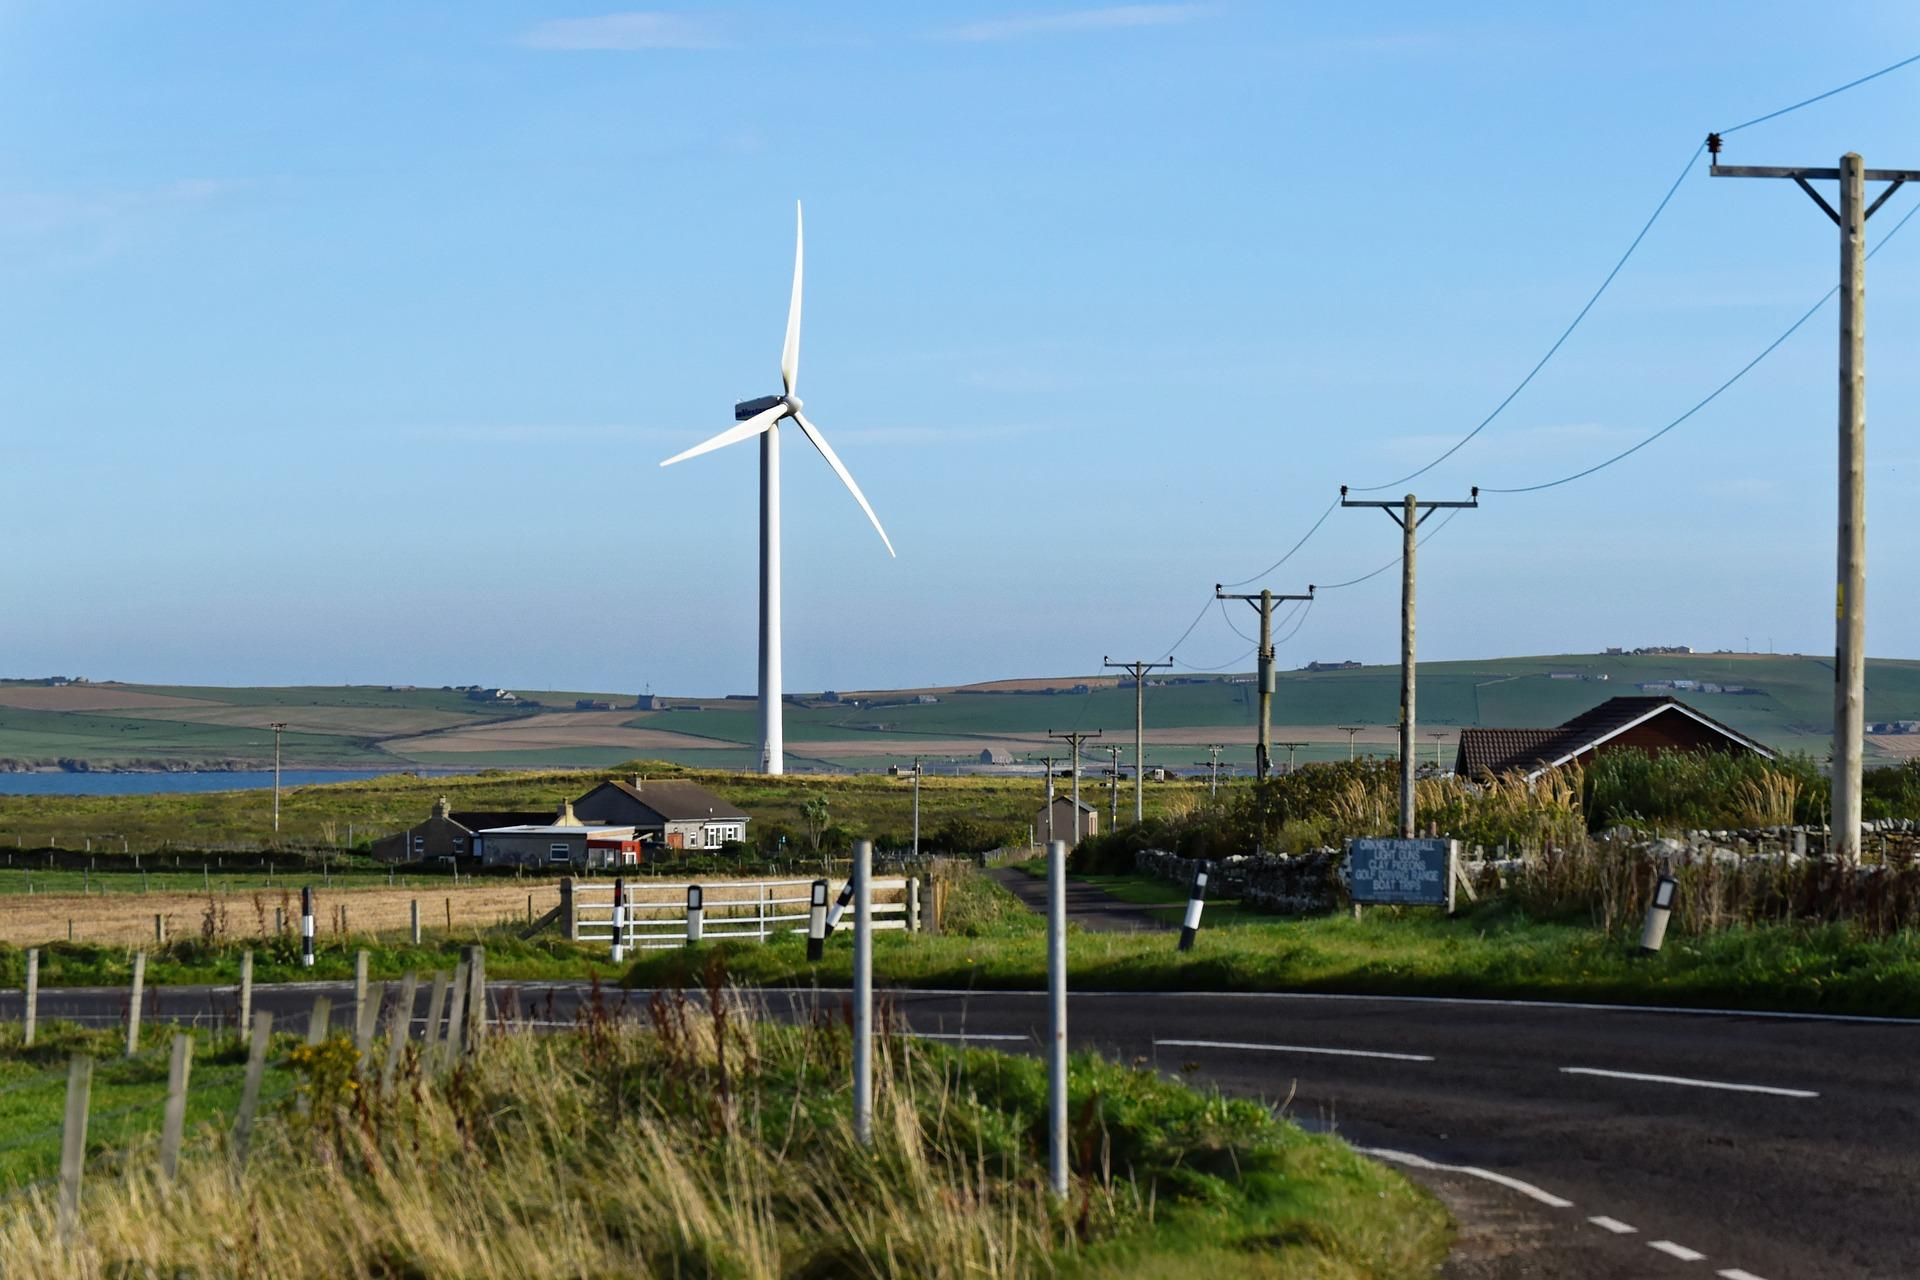 wind-turbine-1008679_1920.jpg